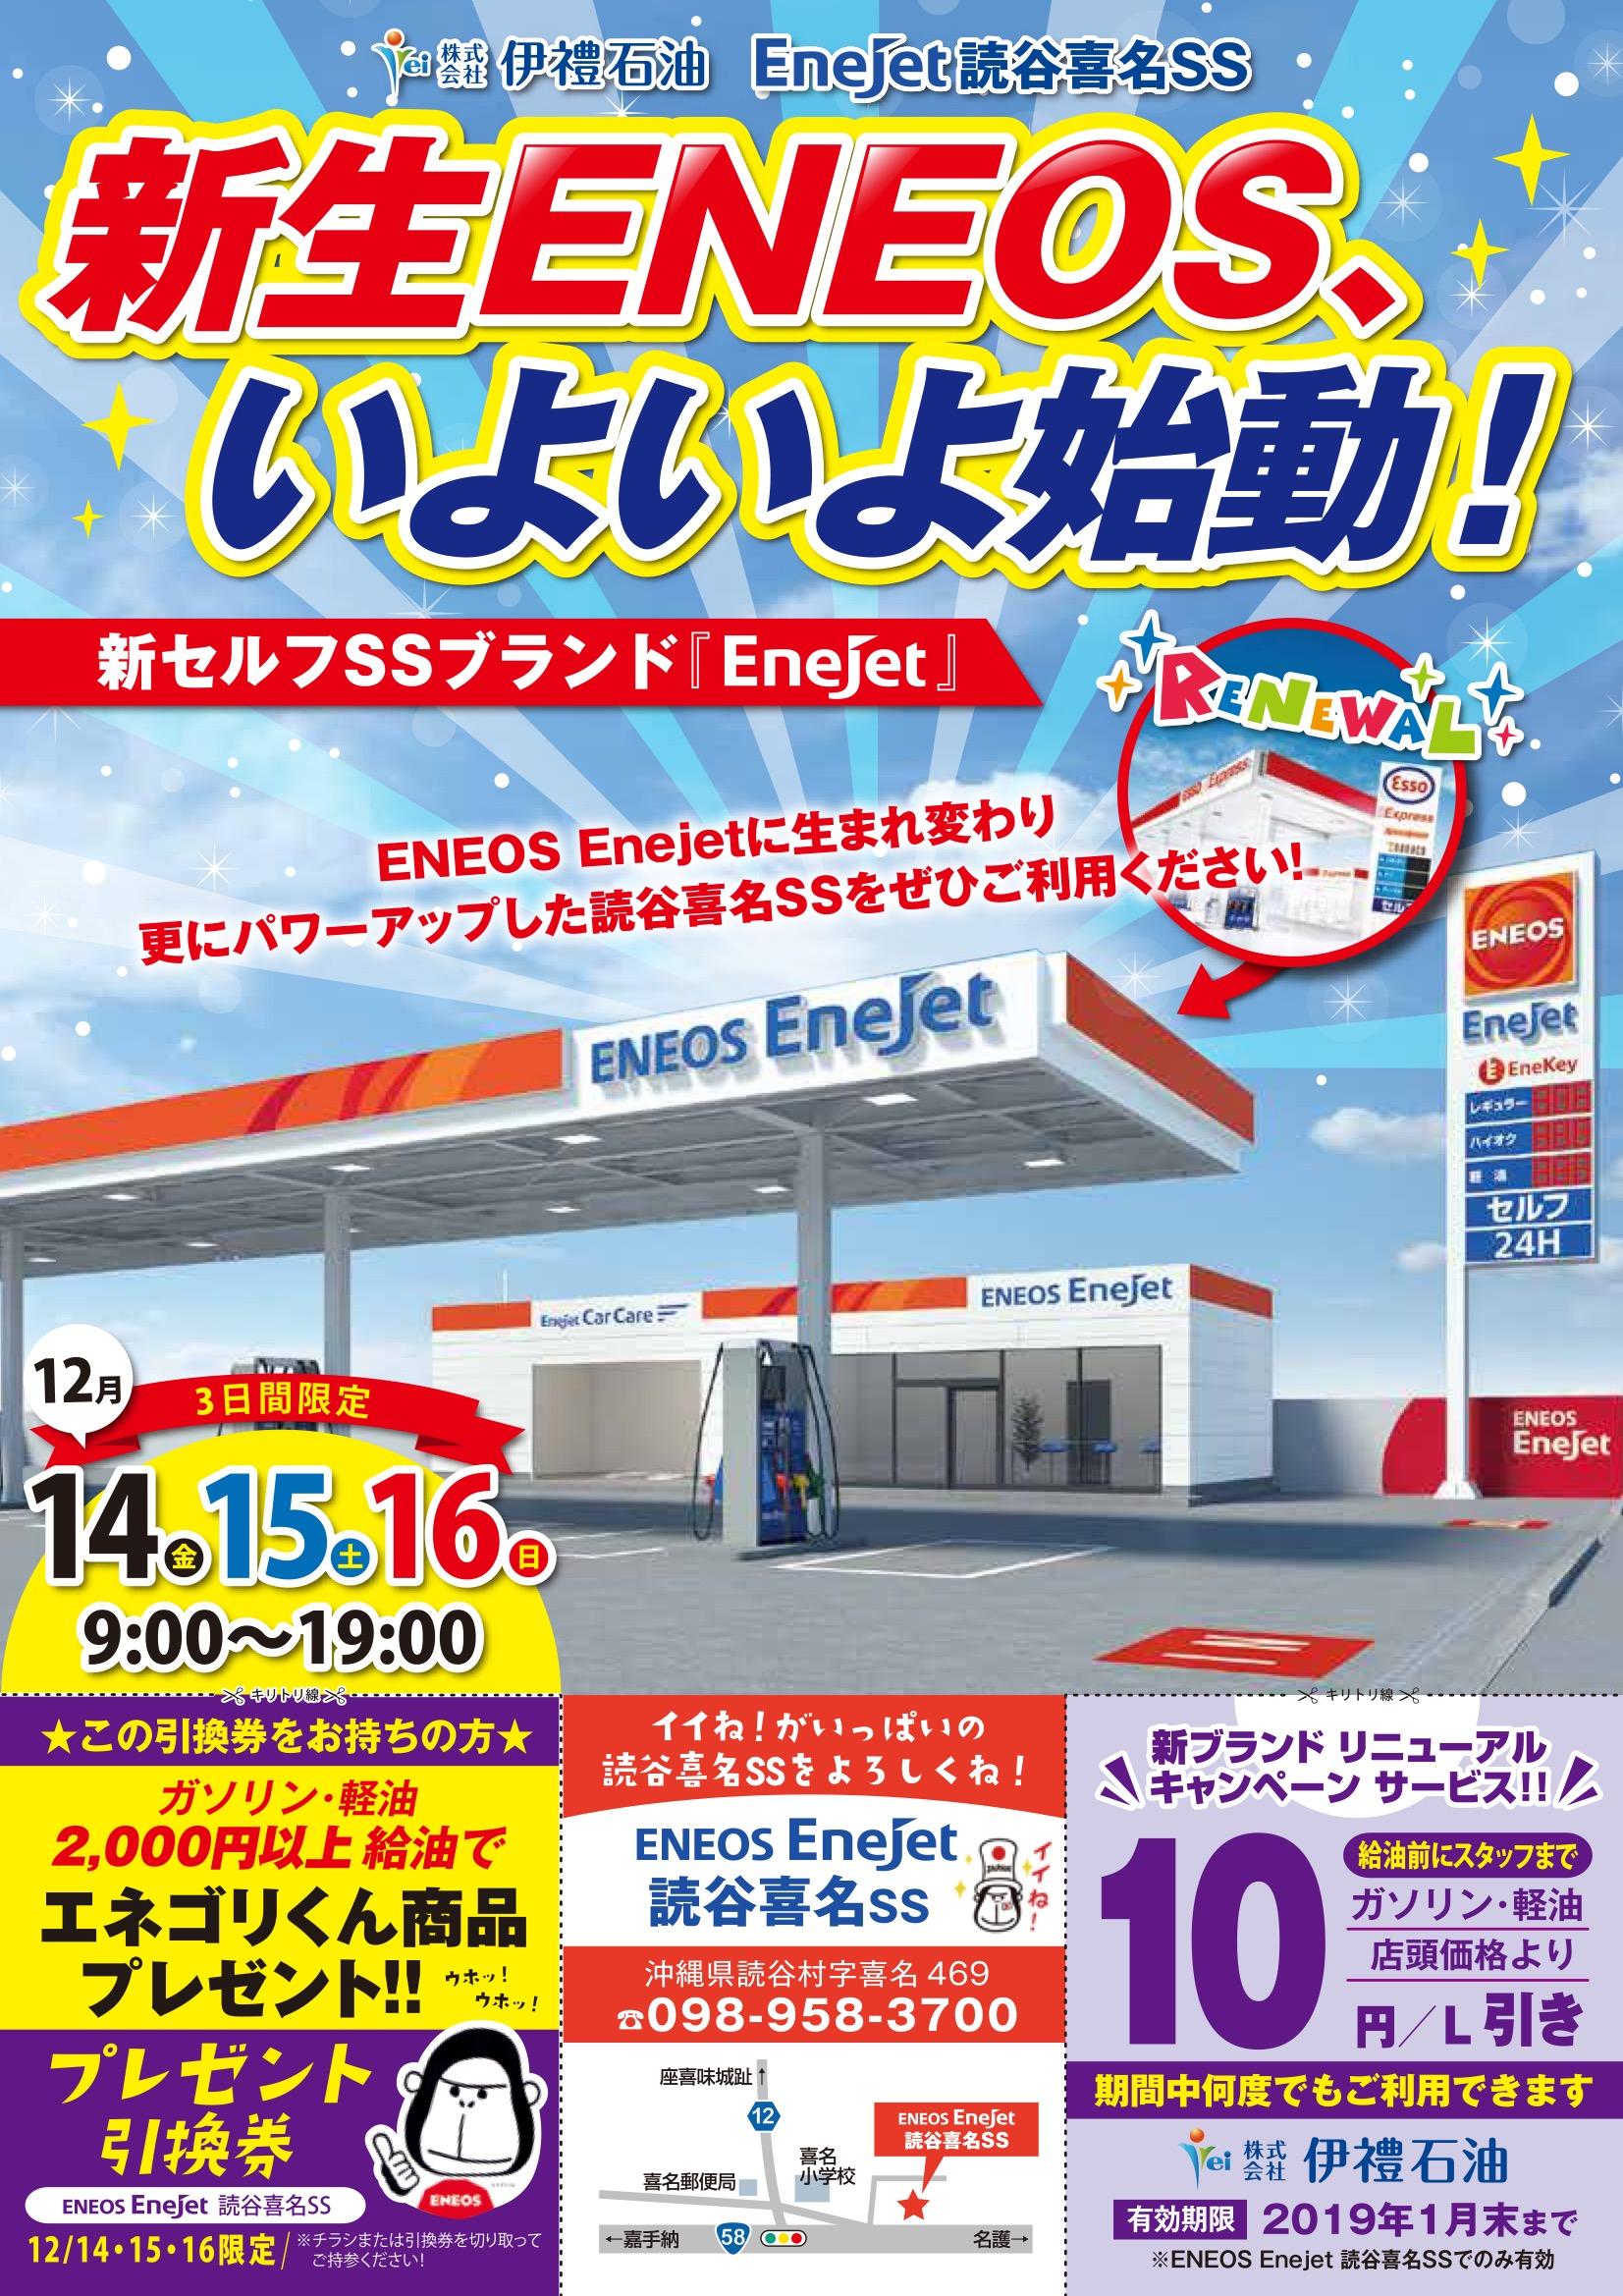 12/14~16限定!!読谷喜名SSリニューアルキャンペーン開催!!